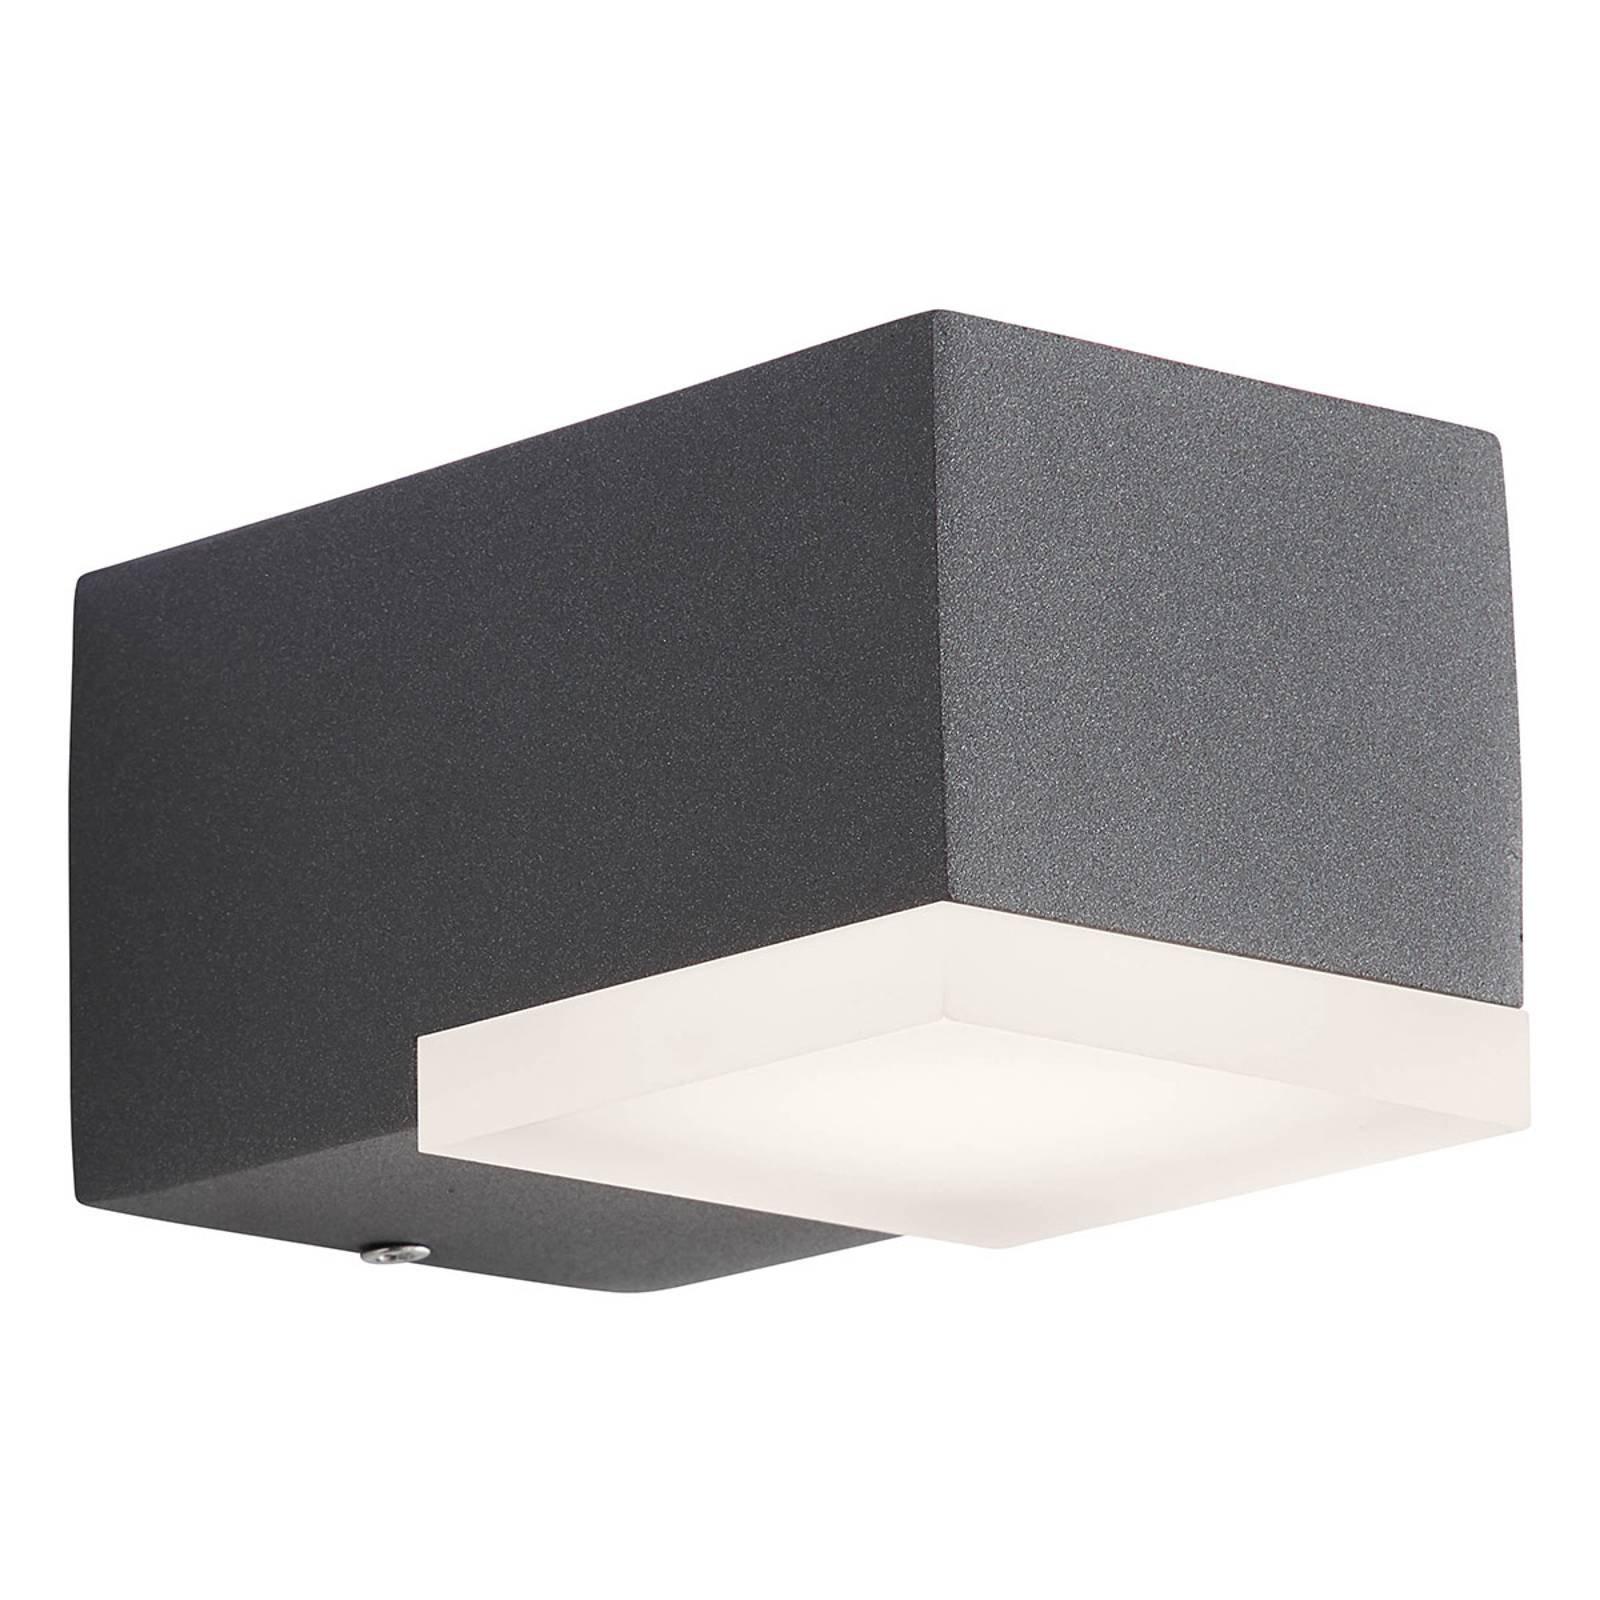 AEG Amity utendørs LED-vegglampe, 1 lyskilde